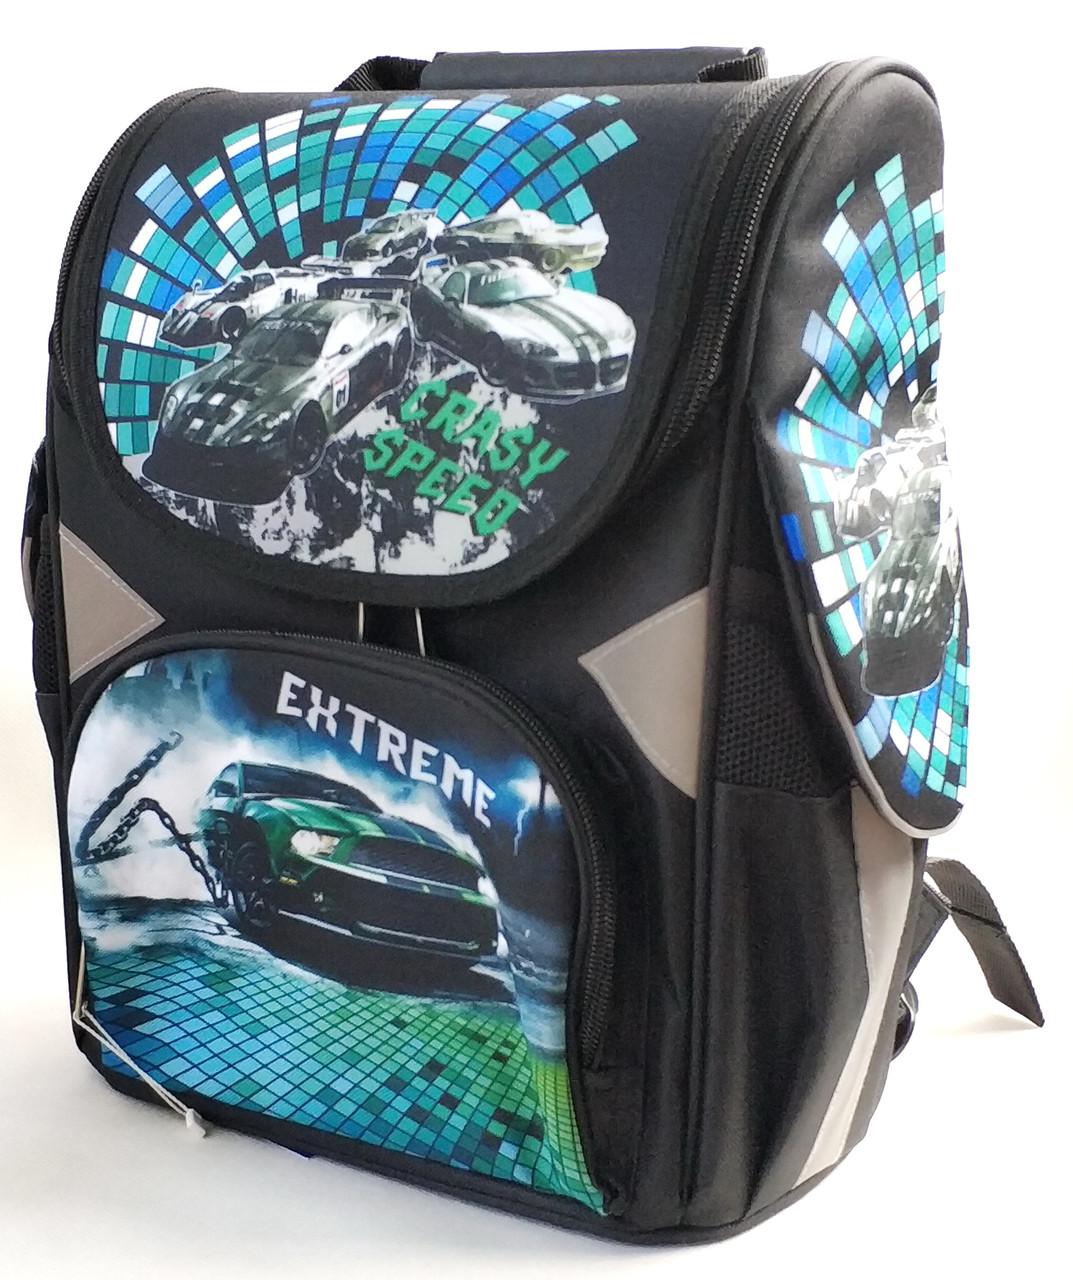 Школьный каркасный рюкзак Extreme для мальчиков черный с синим + пенал 2в1